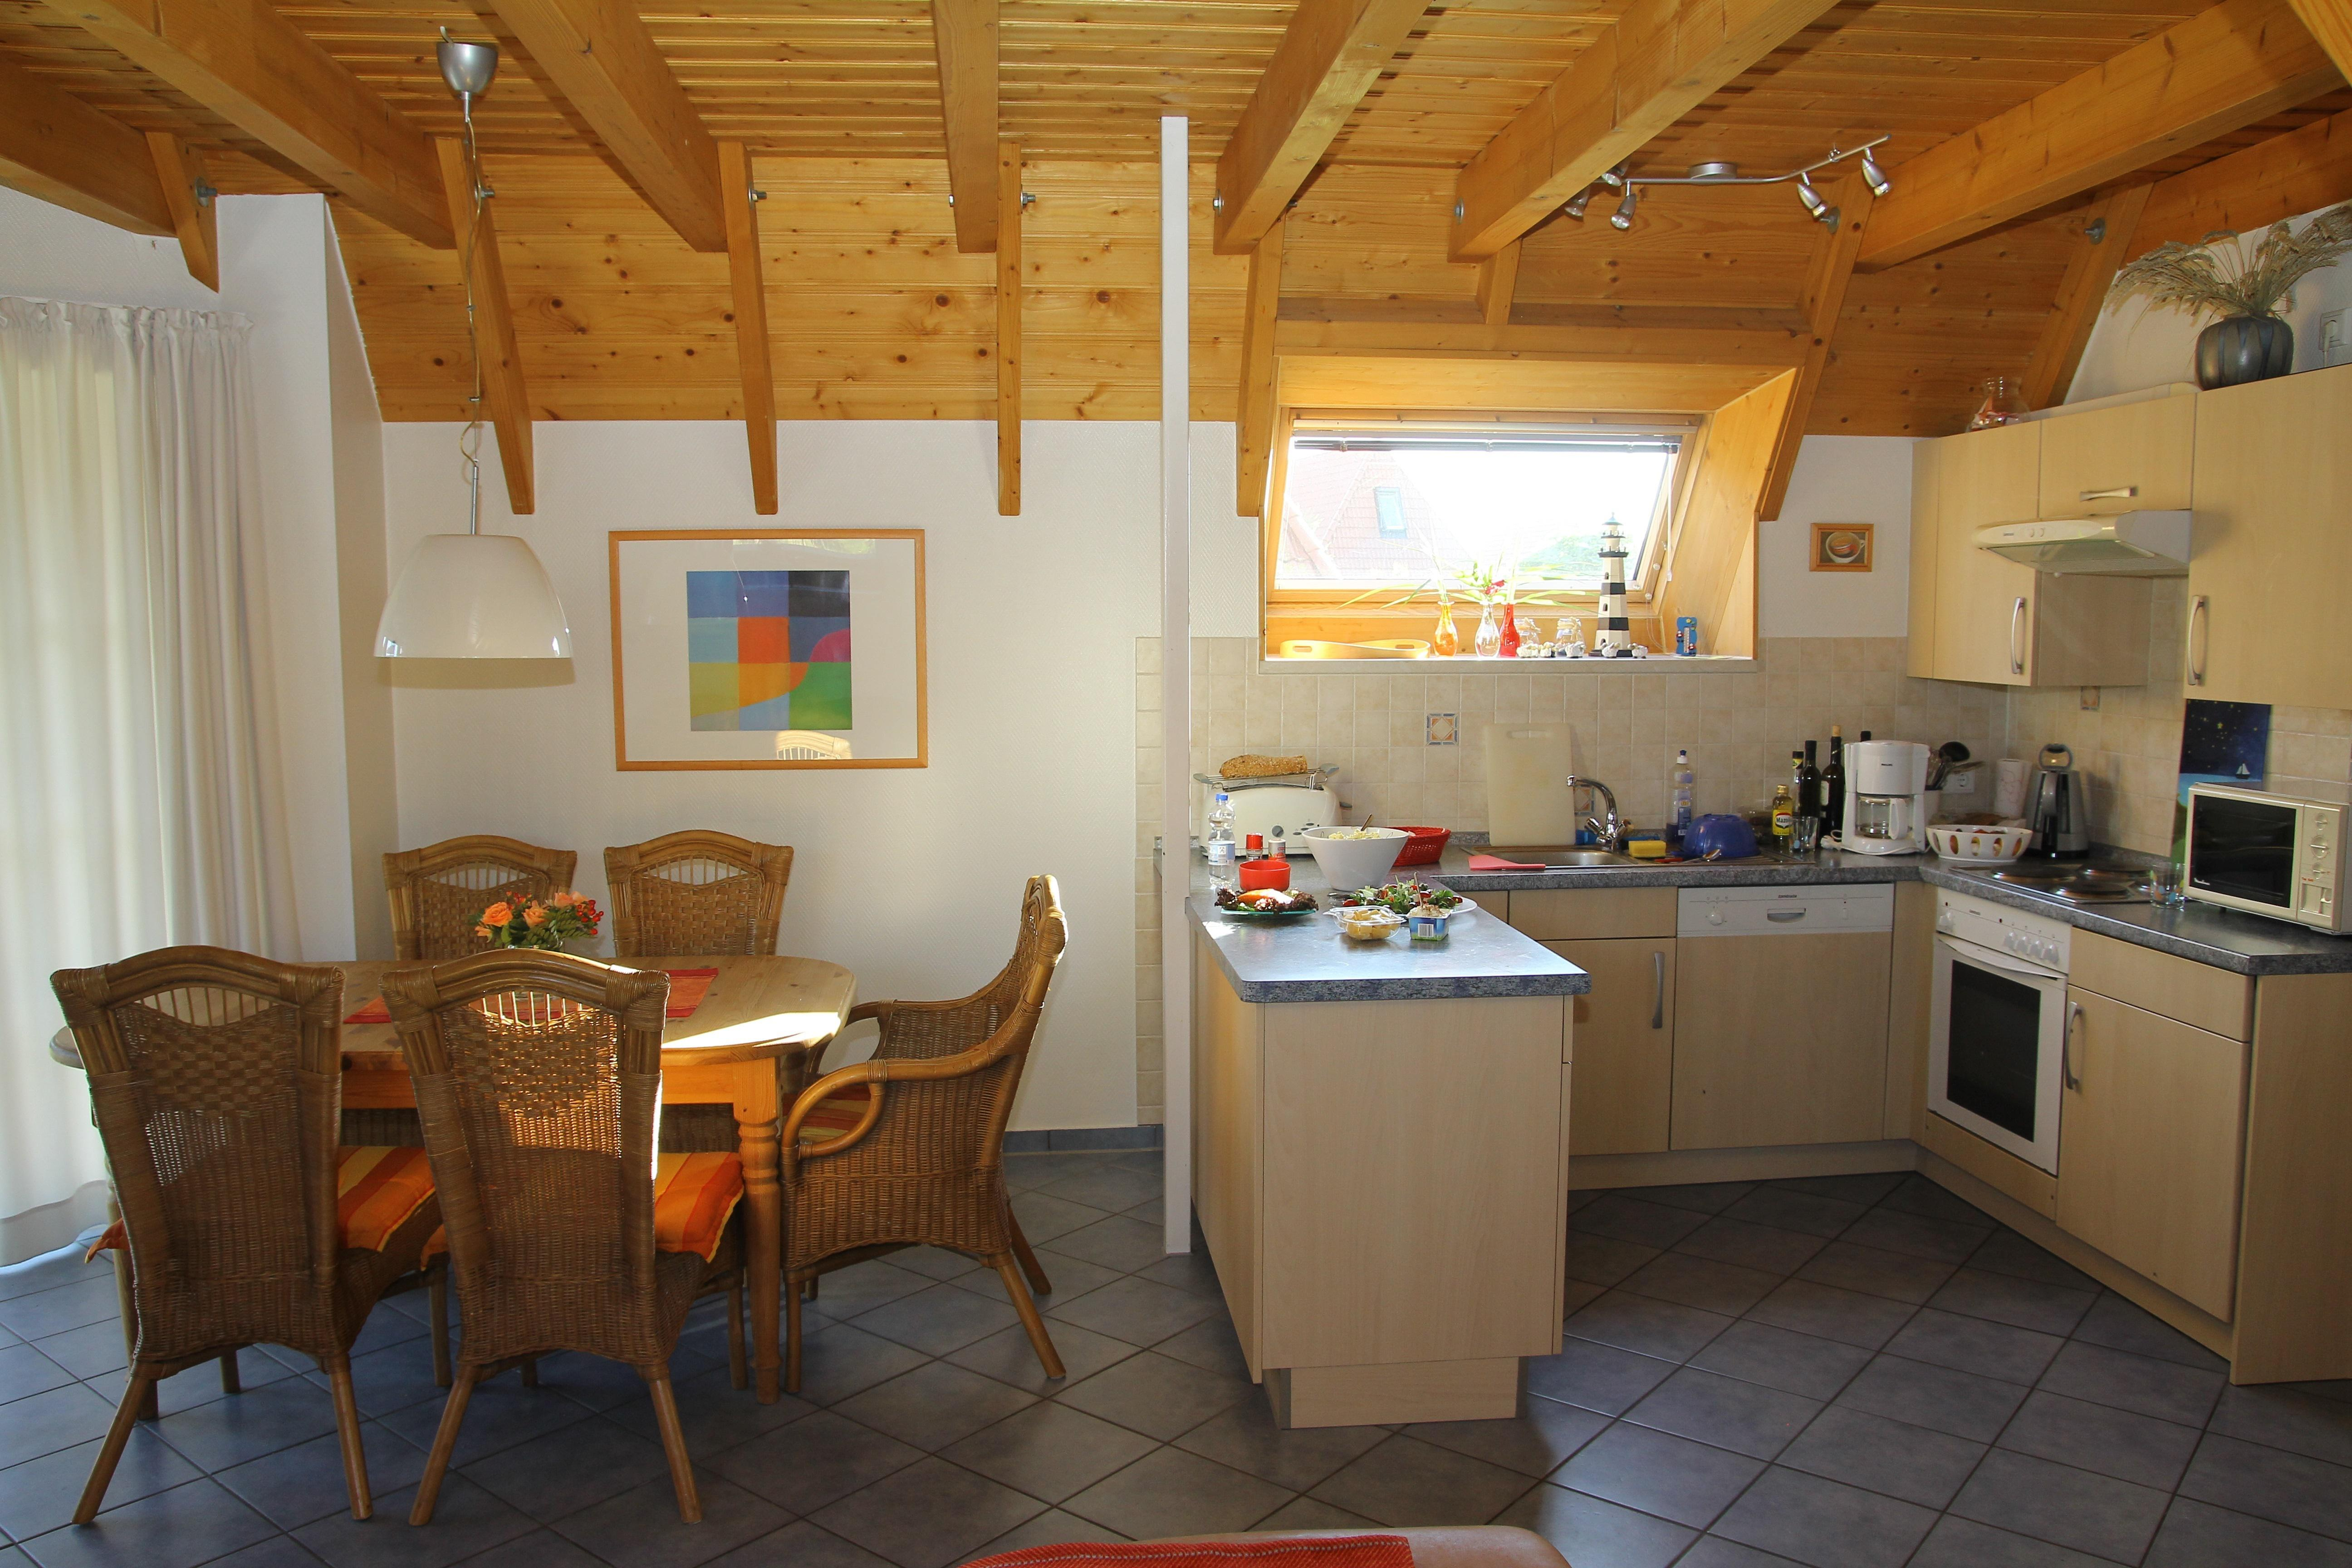 Küche und Essbereich | Ferienhaus Setzer